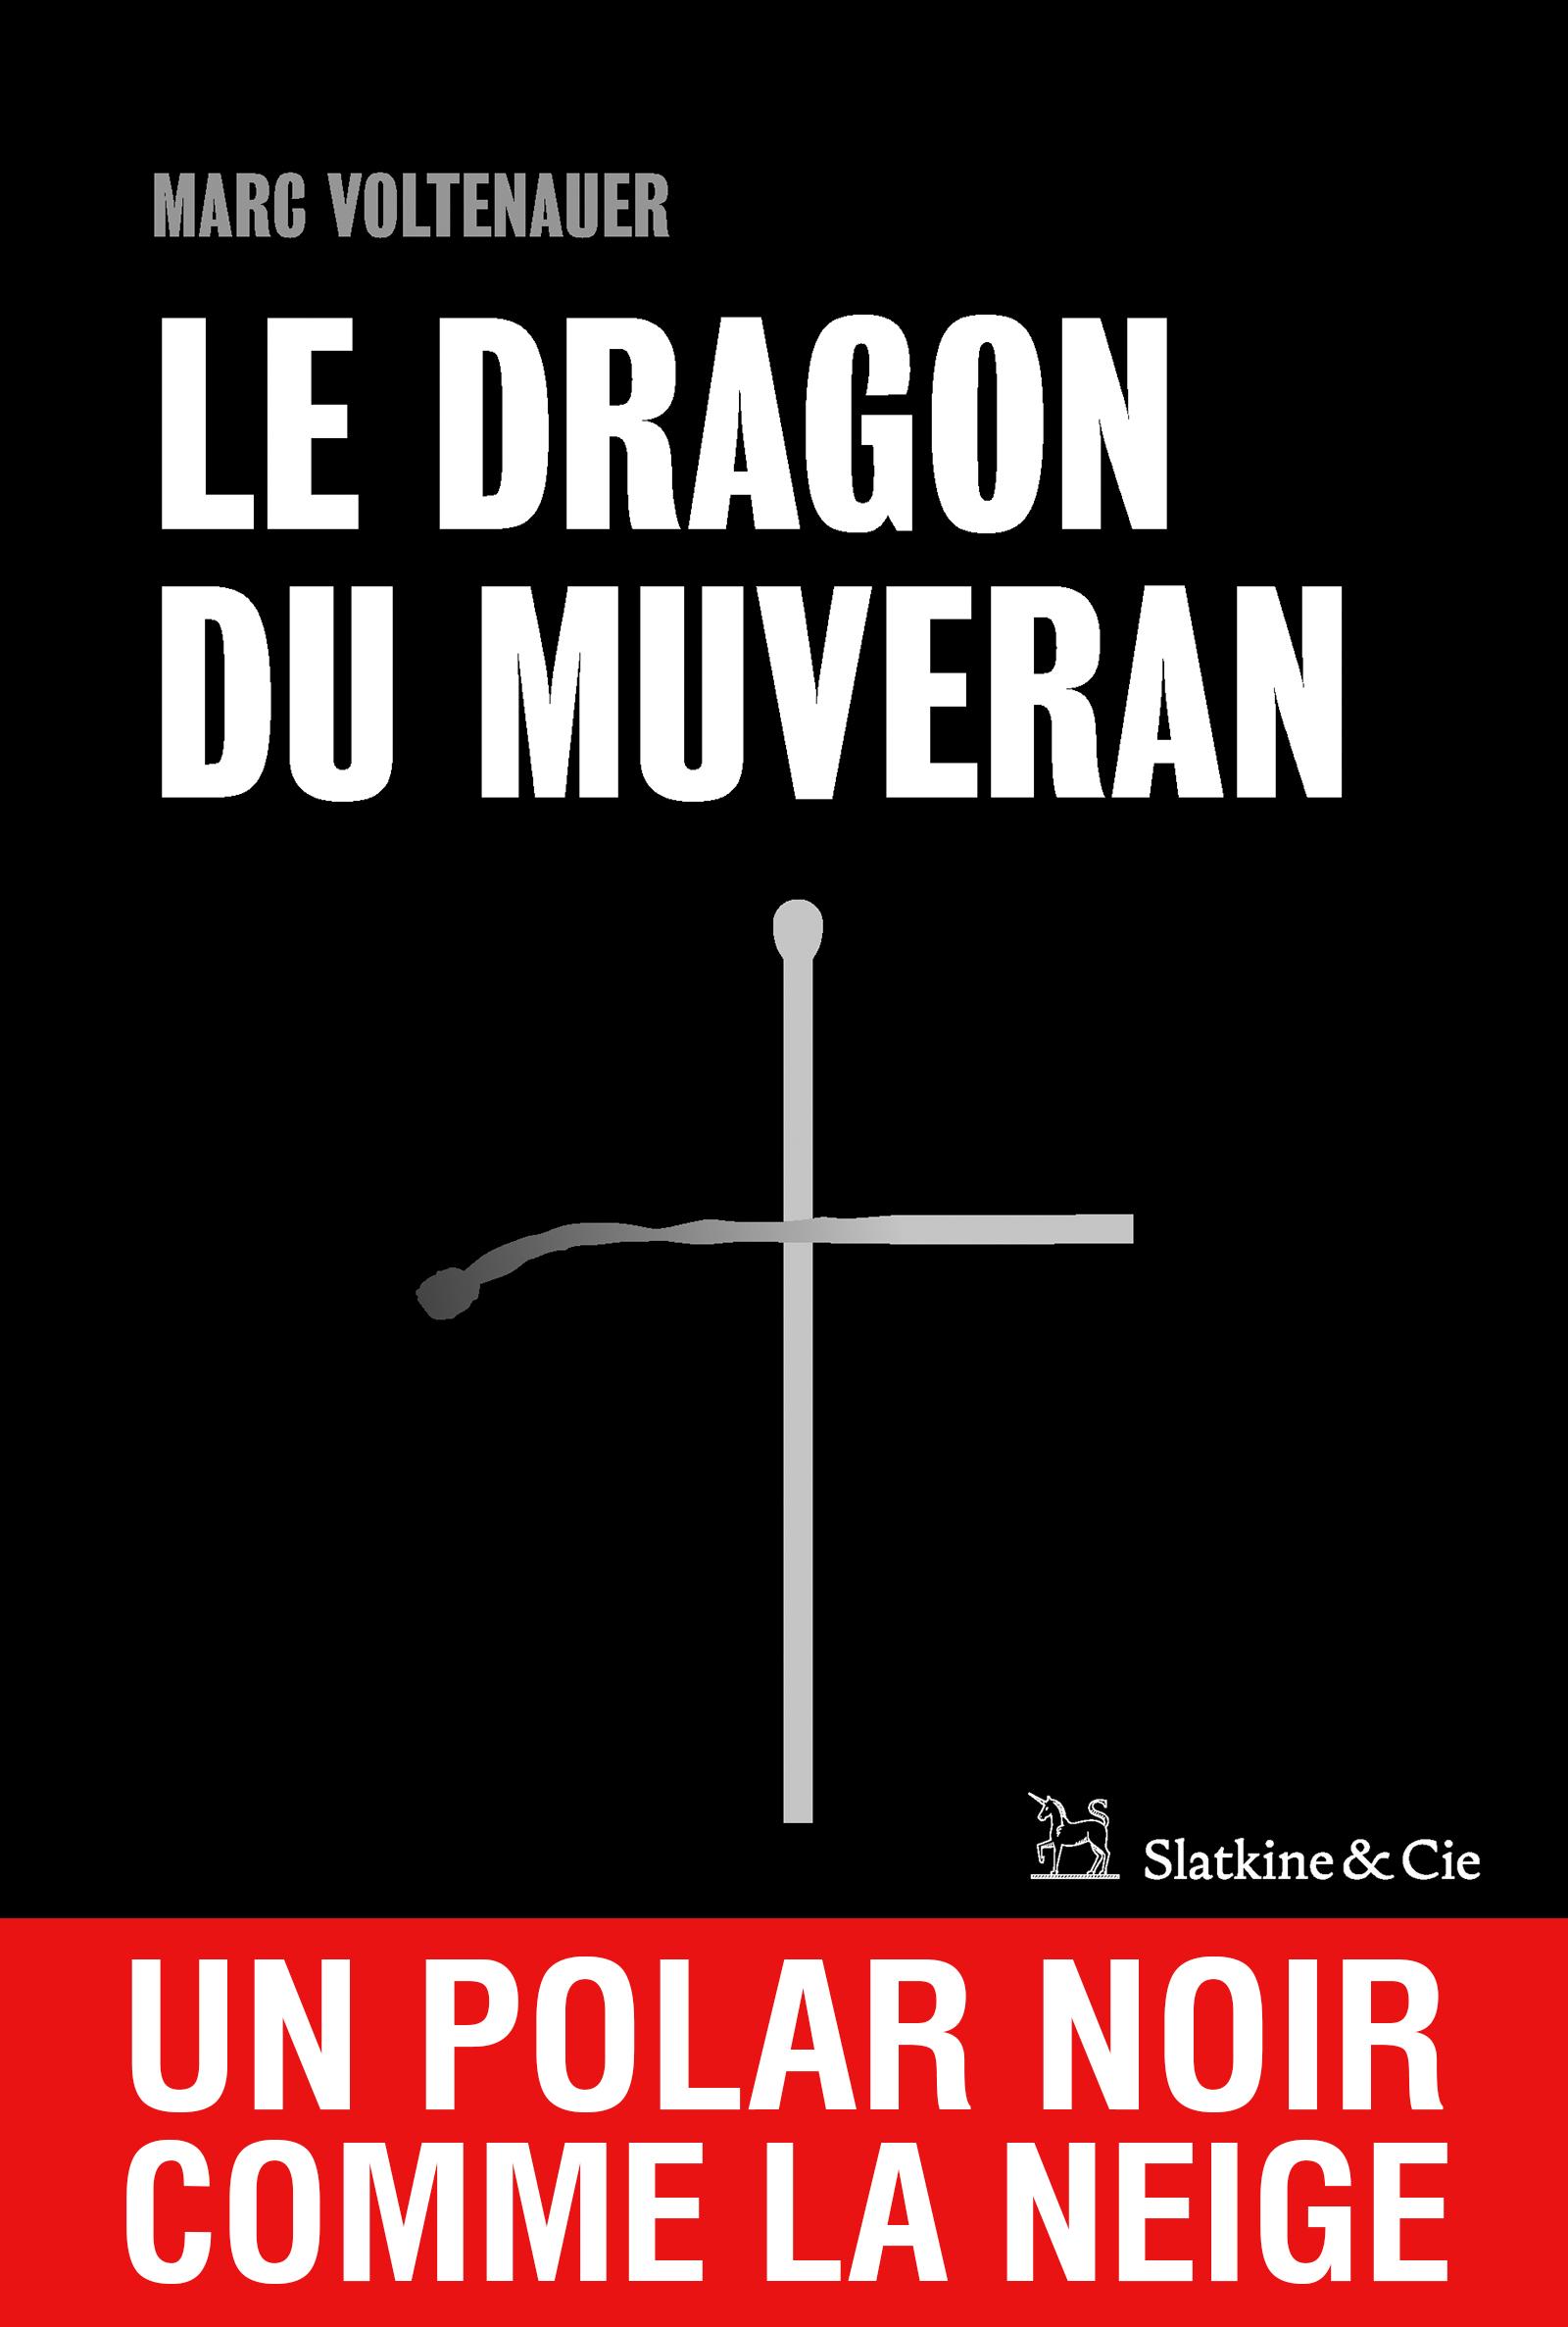 Le Dragon du Muveran, Un polar noir comme la neige